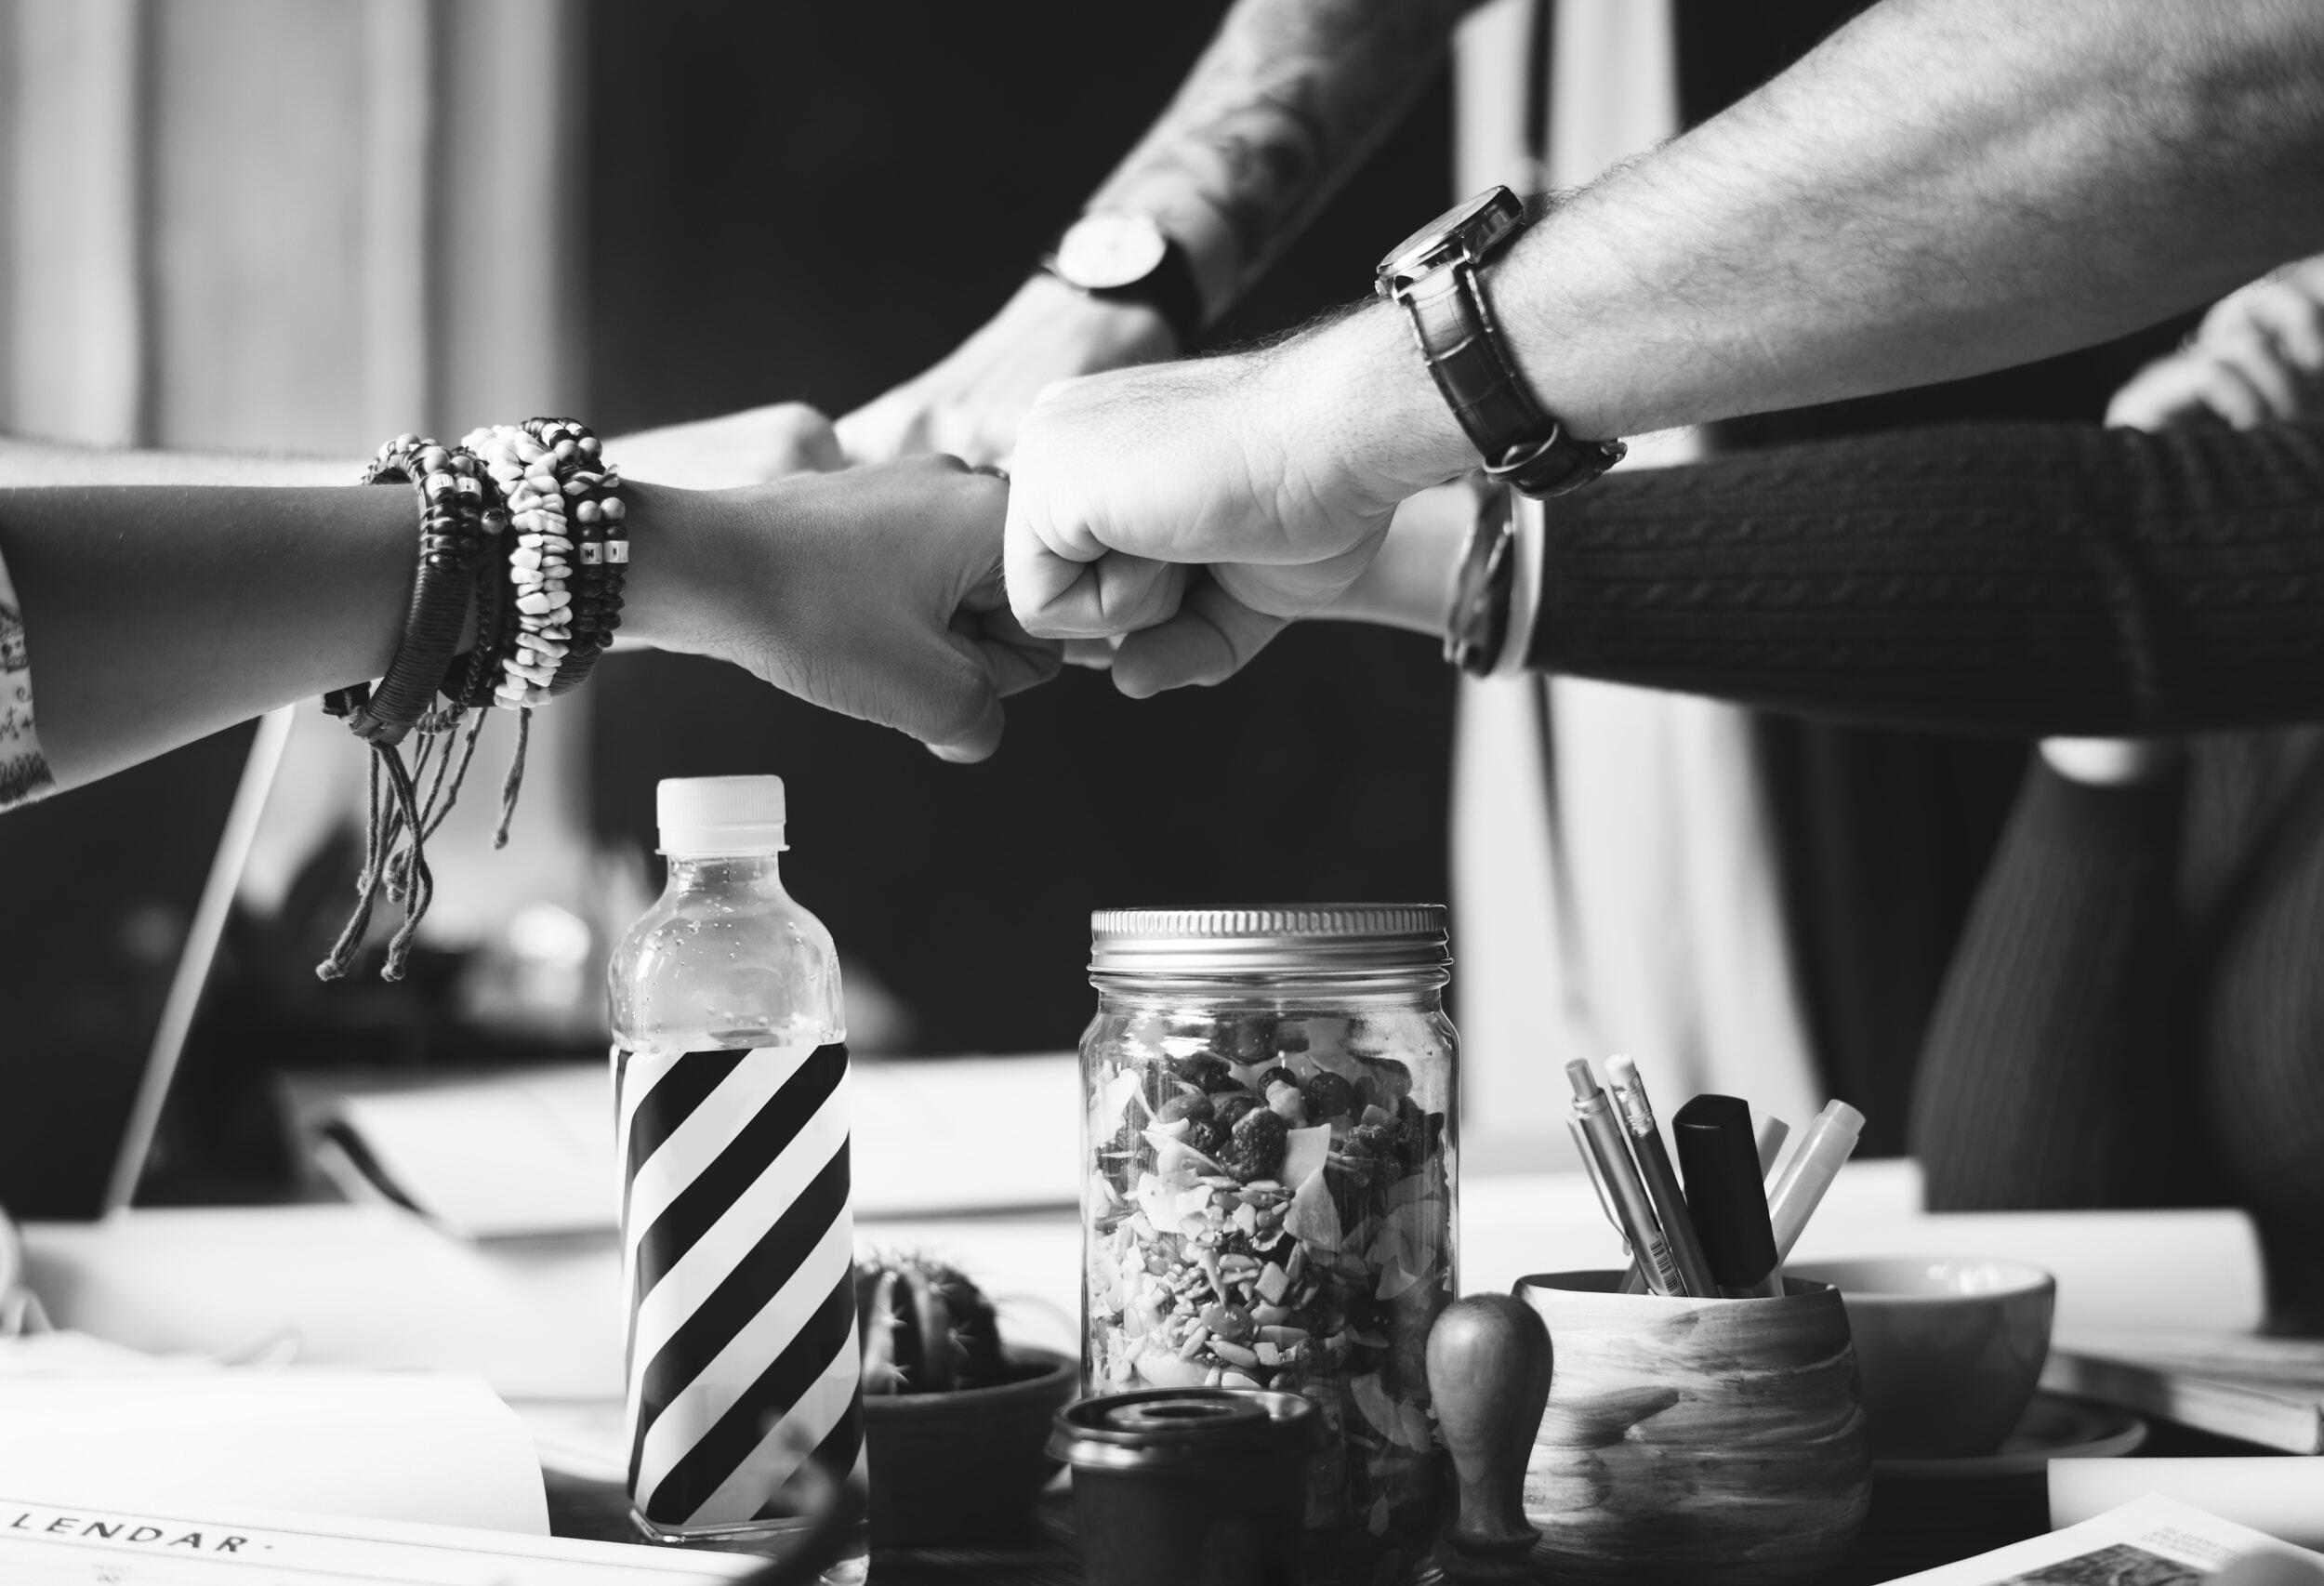 Zusammenspiel mit Zukunft: Warum HR und PR mehr gemeinsam haben, als man denkt